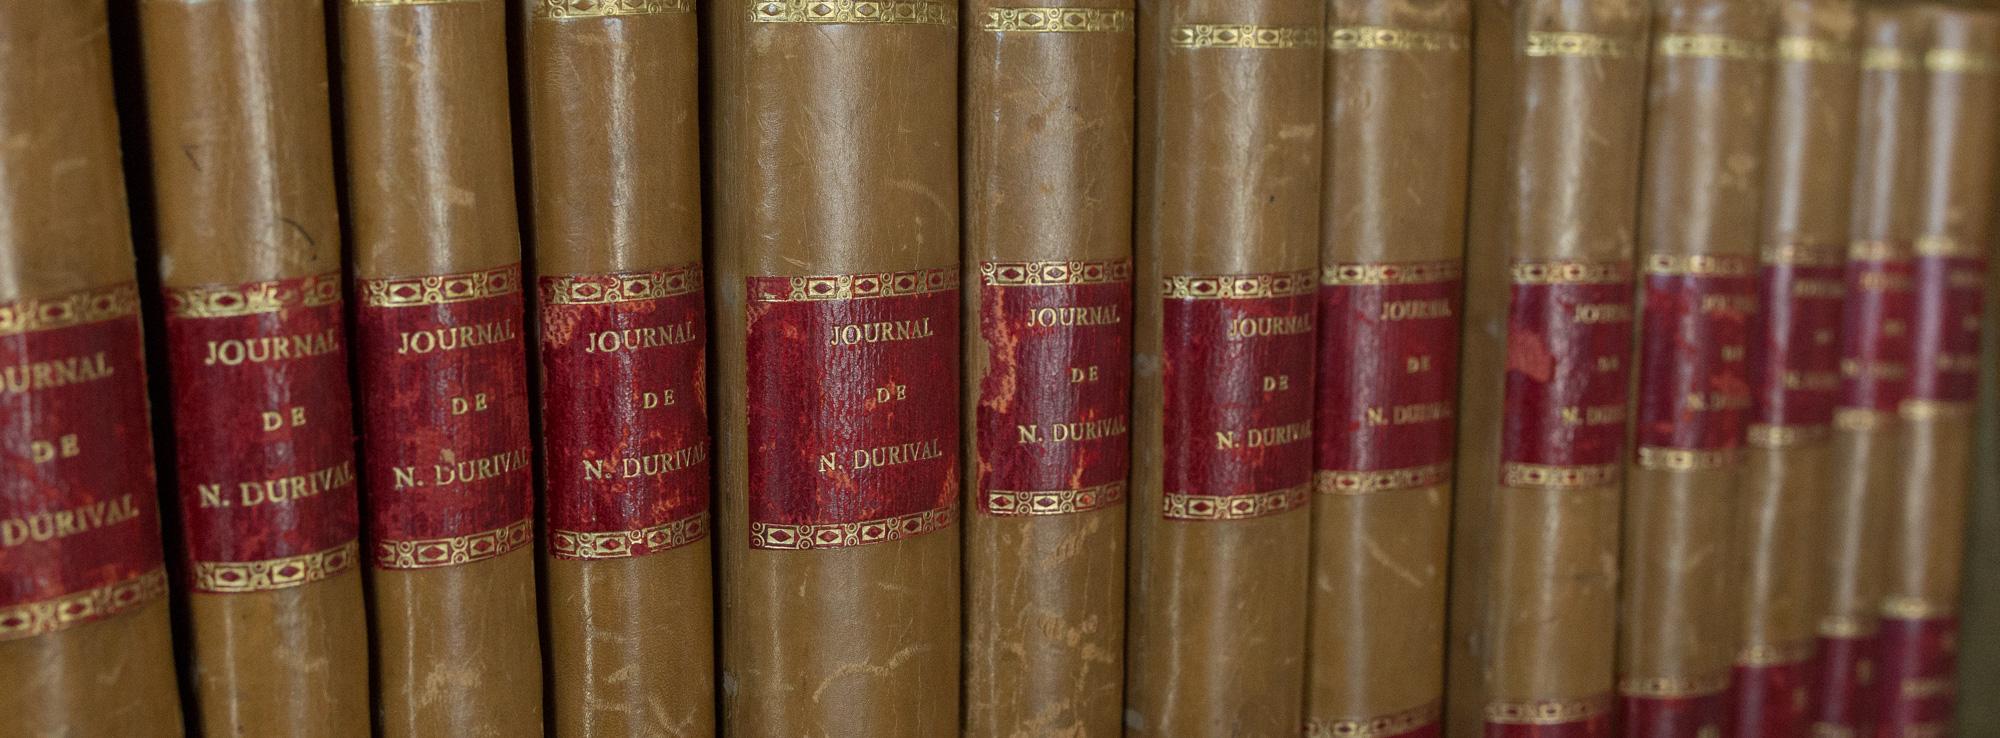 Les 14 volumes du Journal de Durival